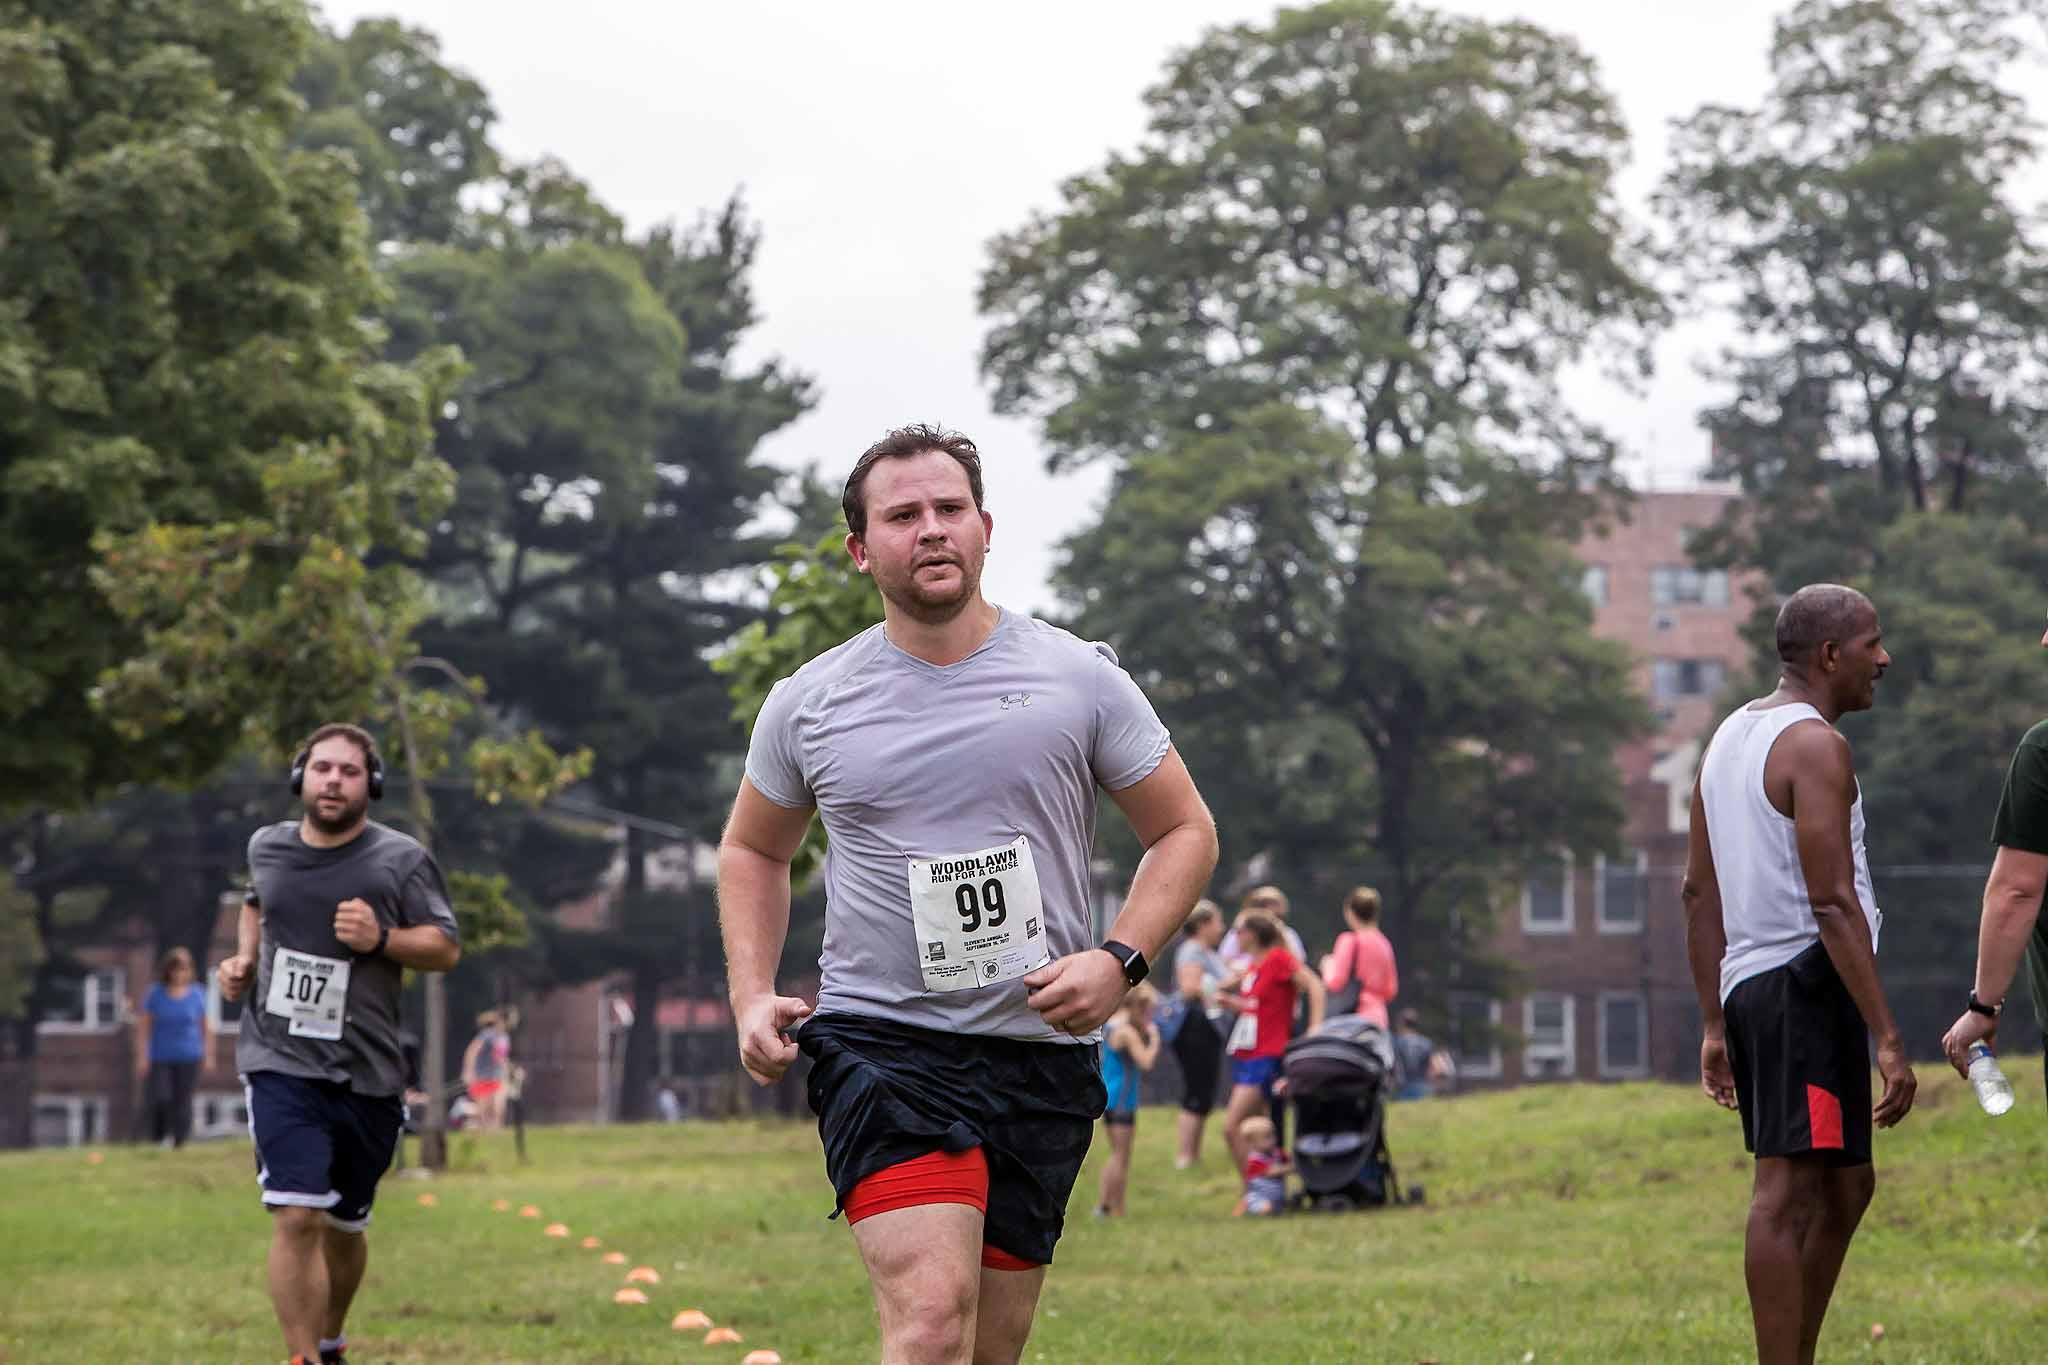 159-Woodlawn Run for a Cause-417.jpg